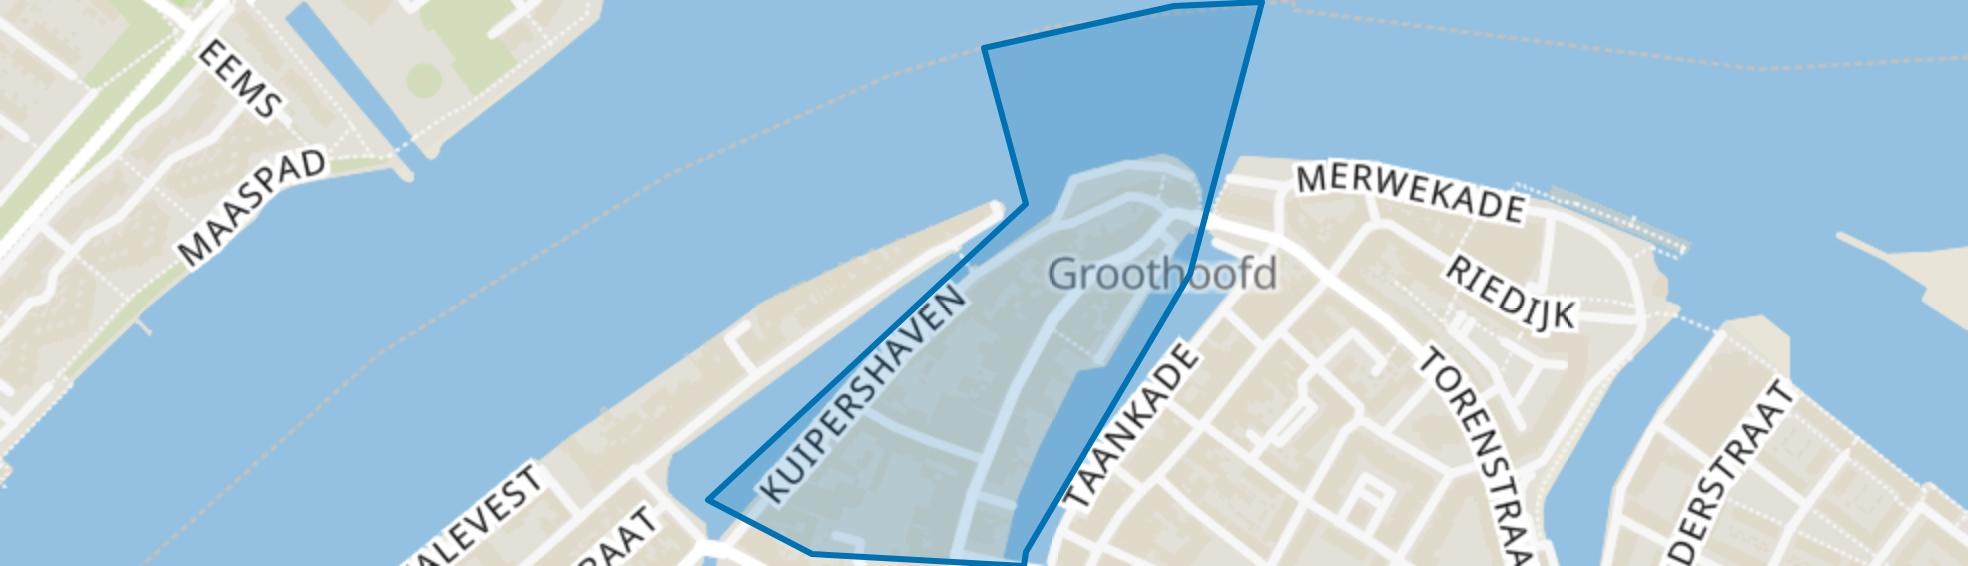 Wijnstraat en omgeving, Dordrecht map